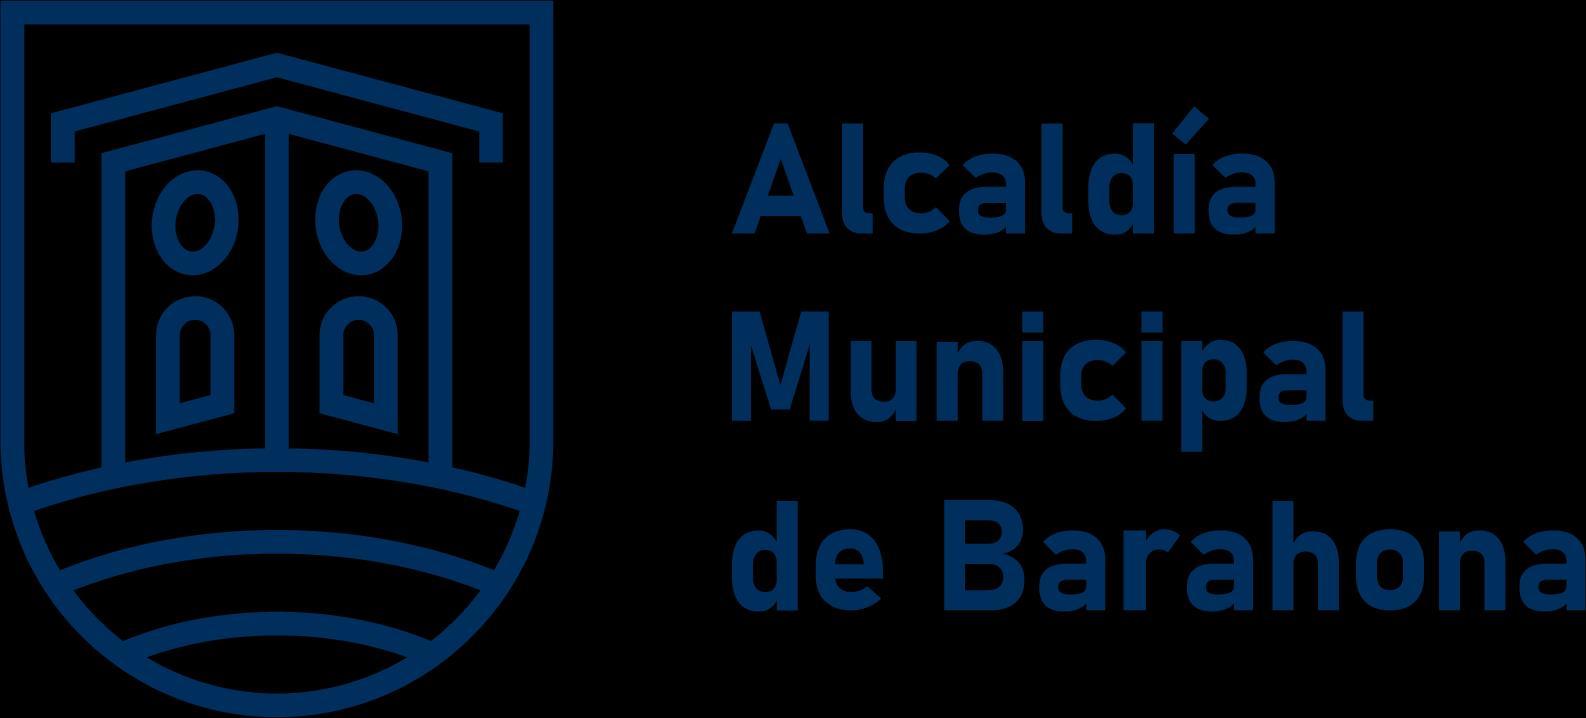 , Comunicado Oficial sobre Incidente en el Edificio del Ayuntamiento de Barahona